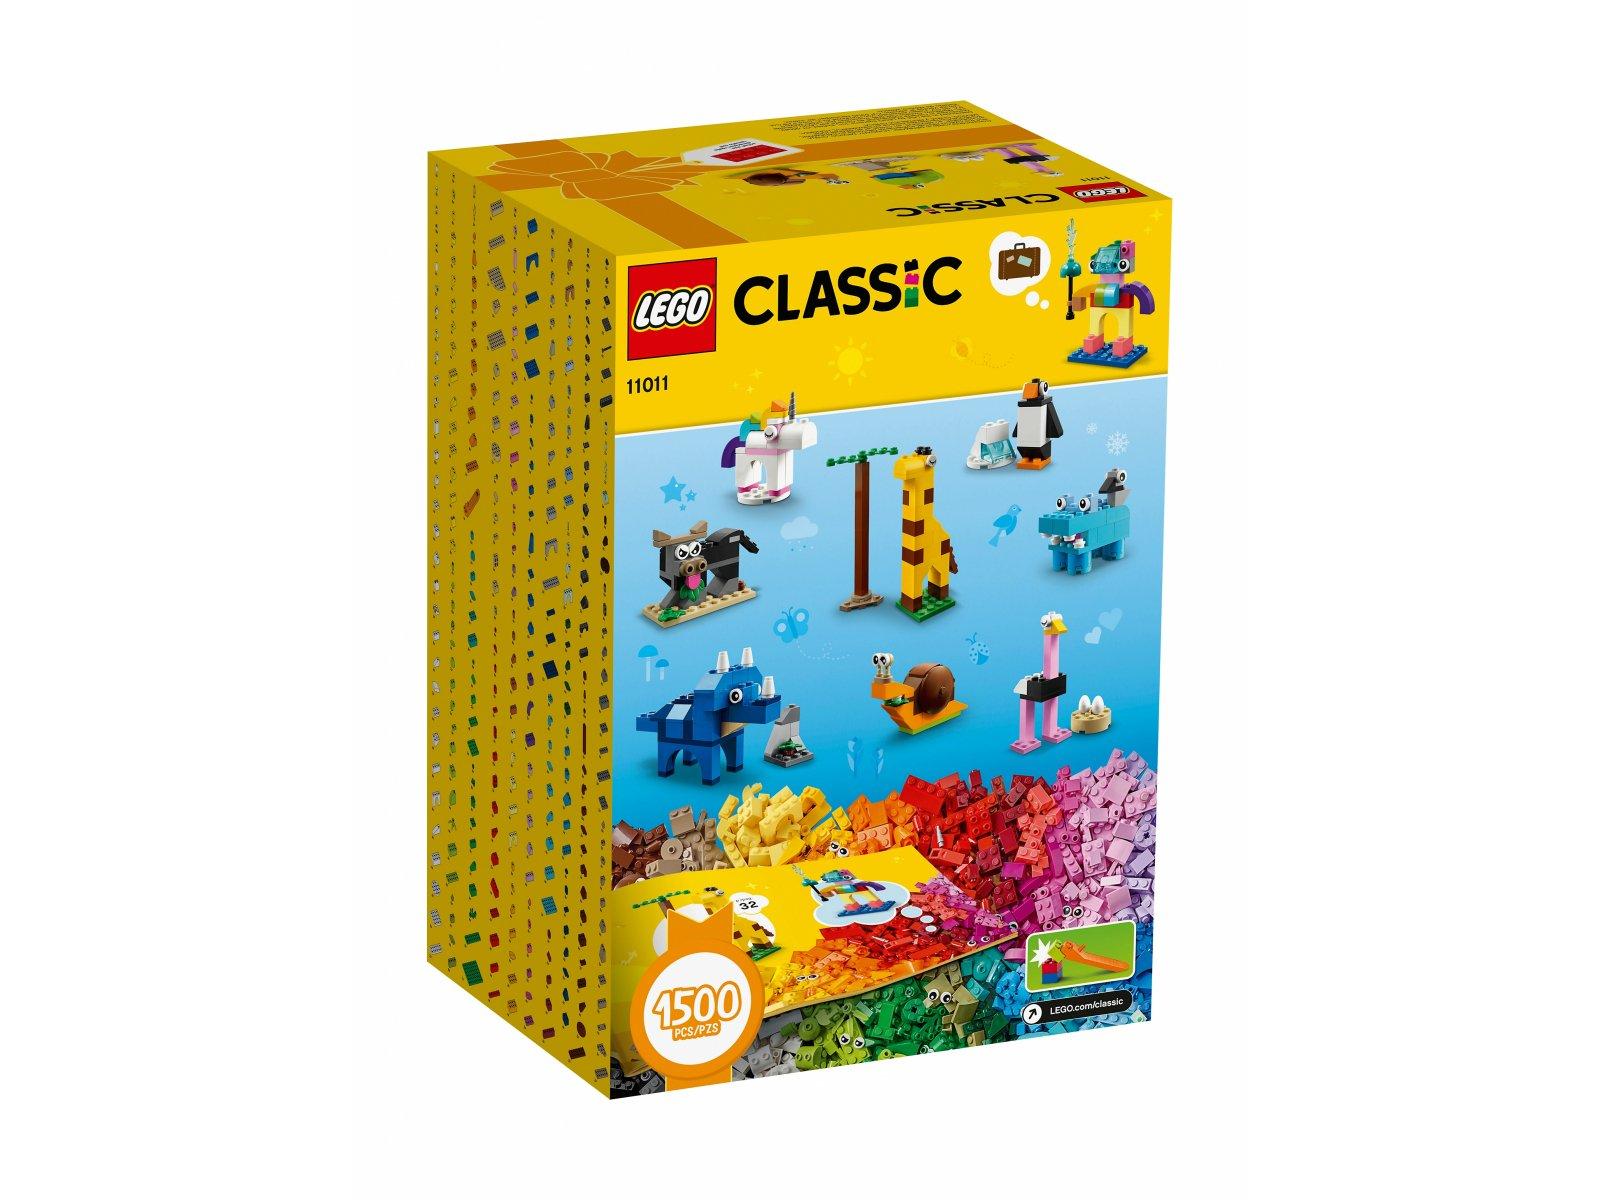 LEGO 11011 Klocki i zwierzątka